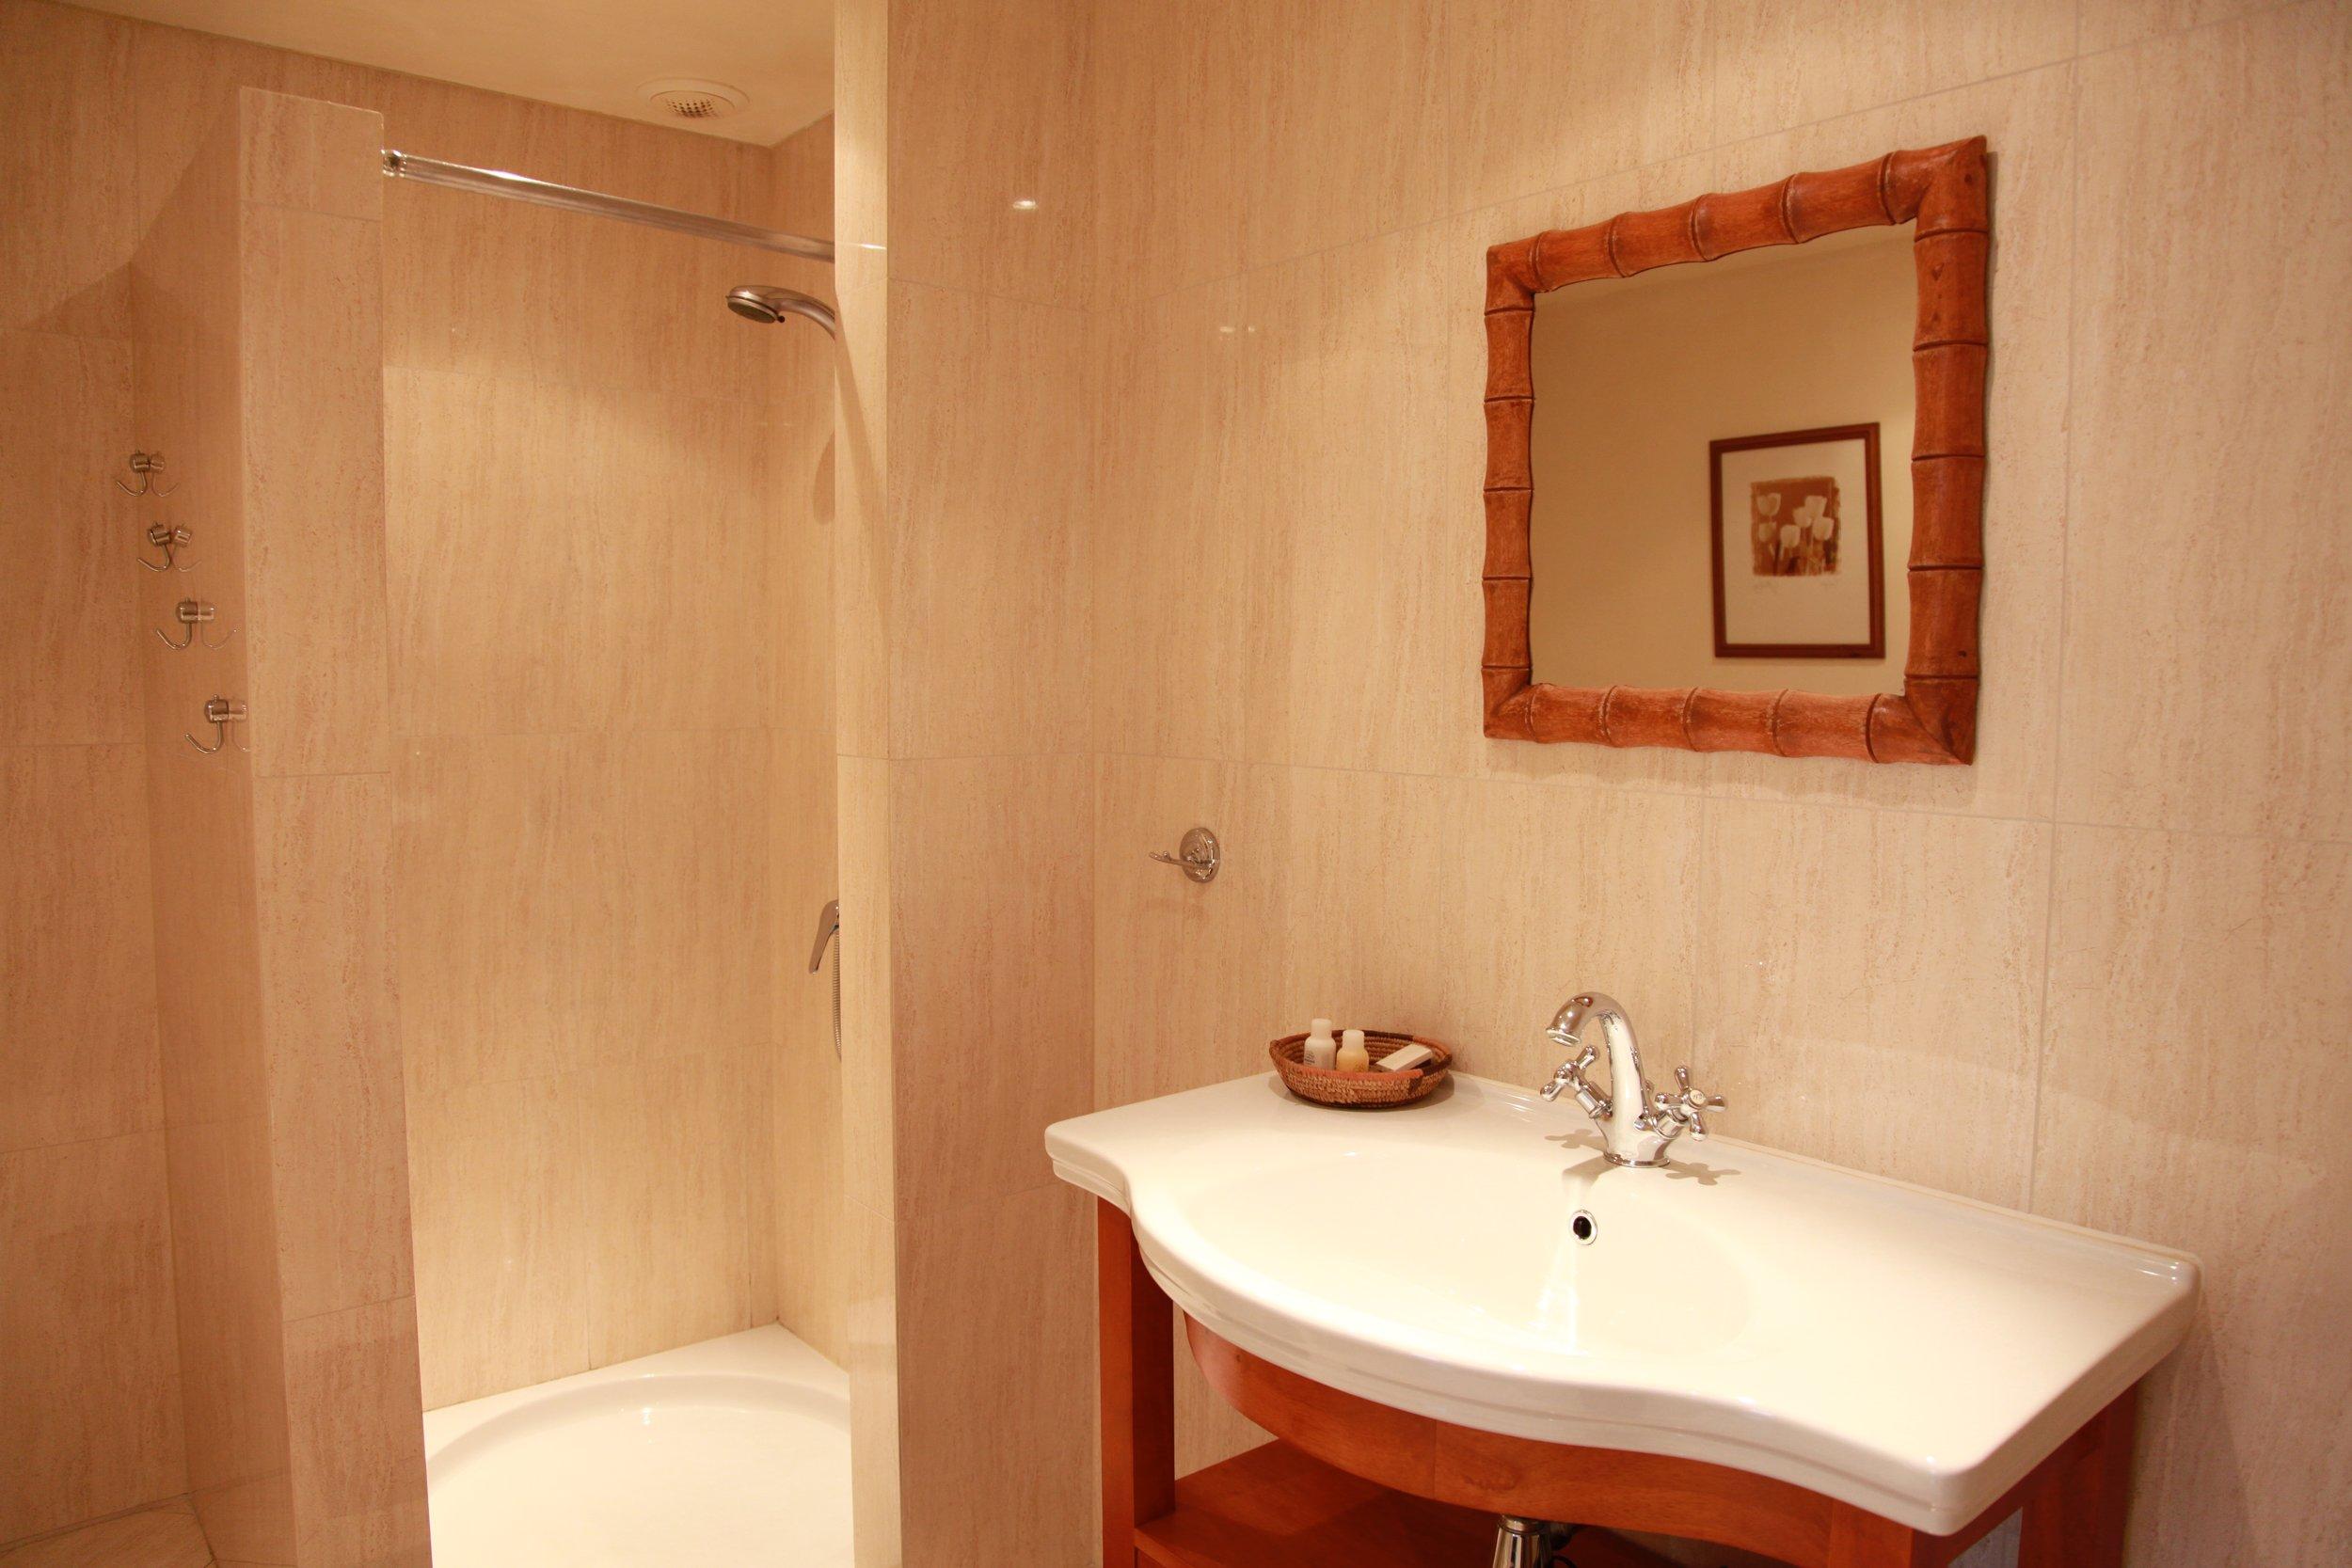 Salle de bain 1 - Avec lavabo, WC et douche